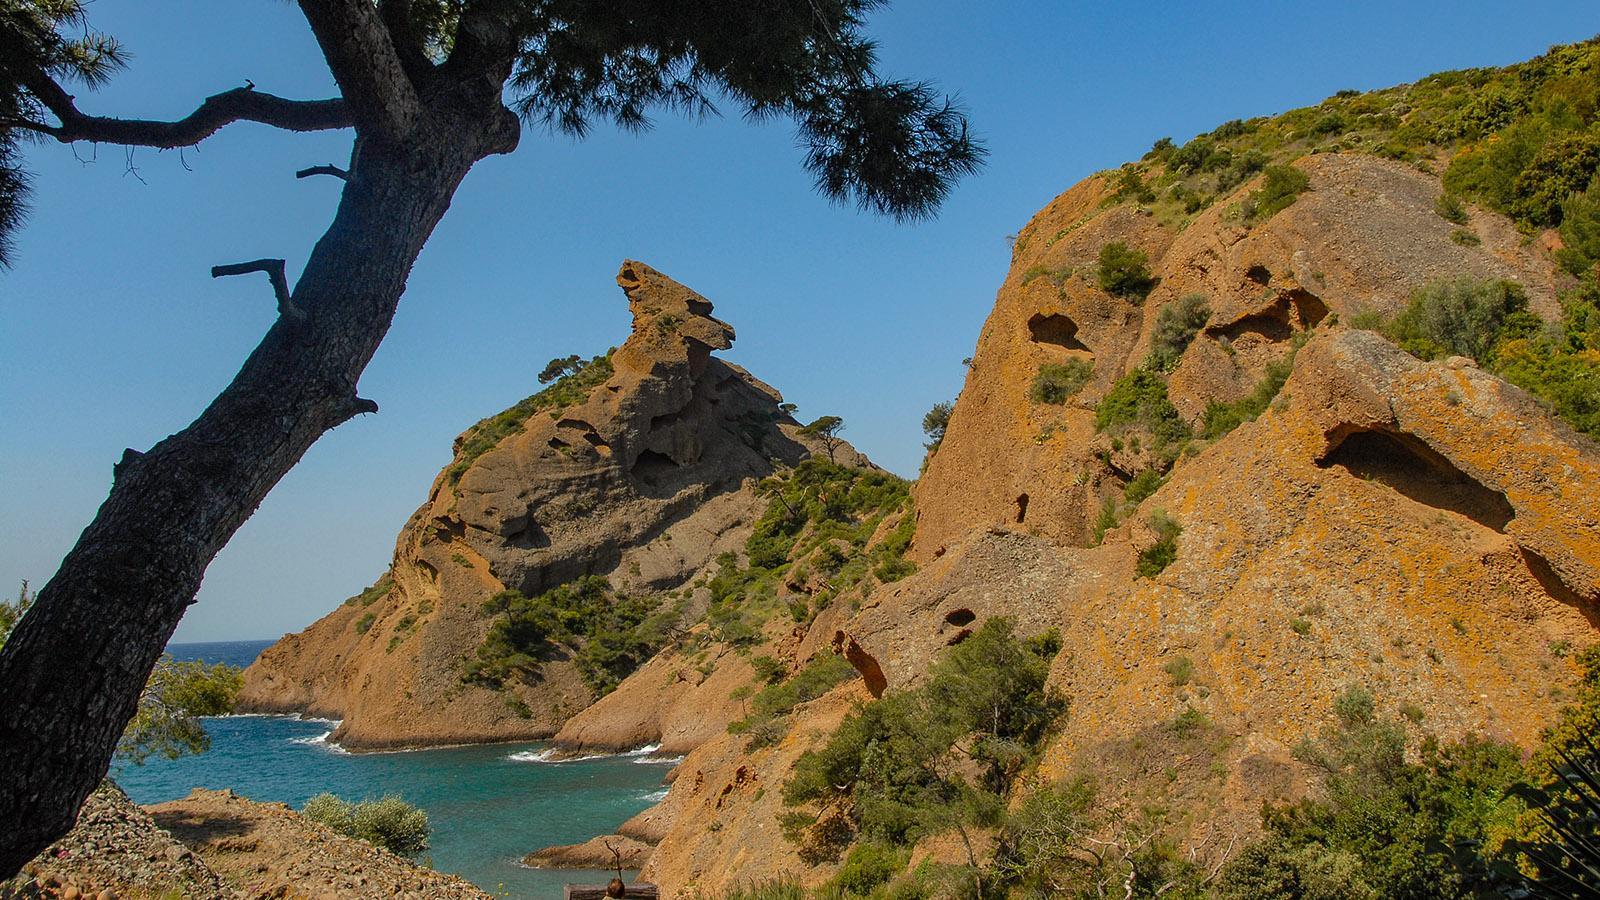 Der Endpunkt der Calanquesküste von Cassis: die Calanque de Figuérolles bei La Ciotat. Foto: Hilke Maunder